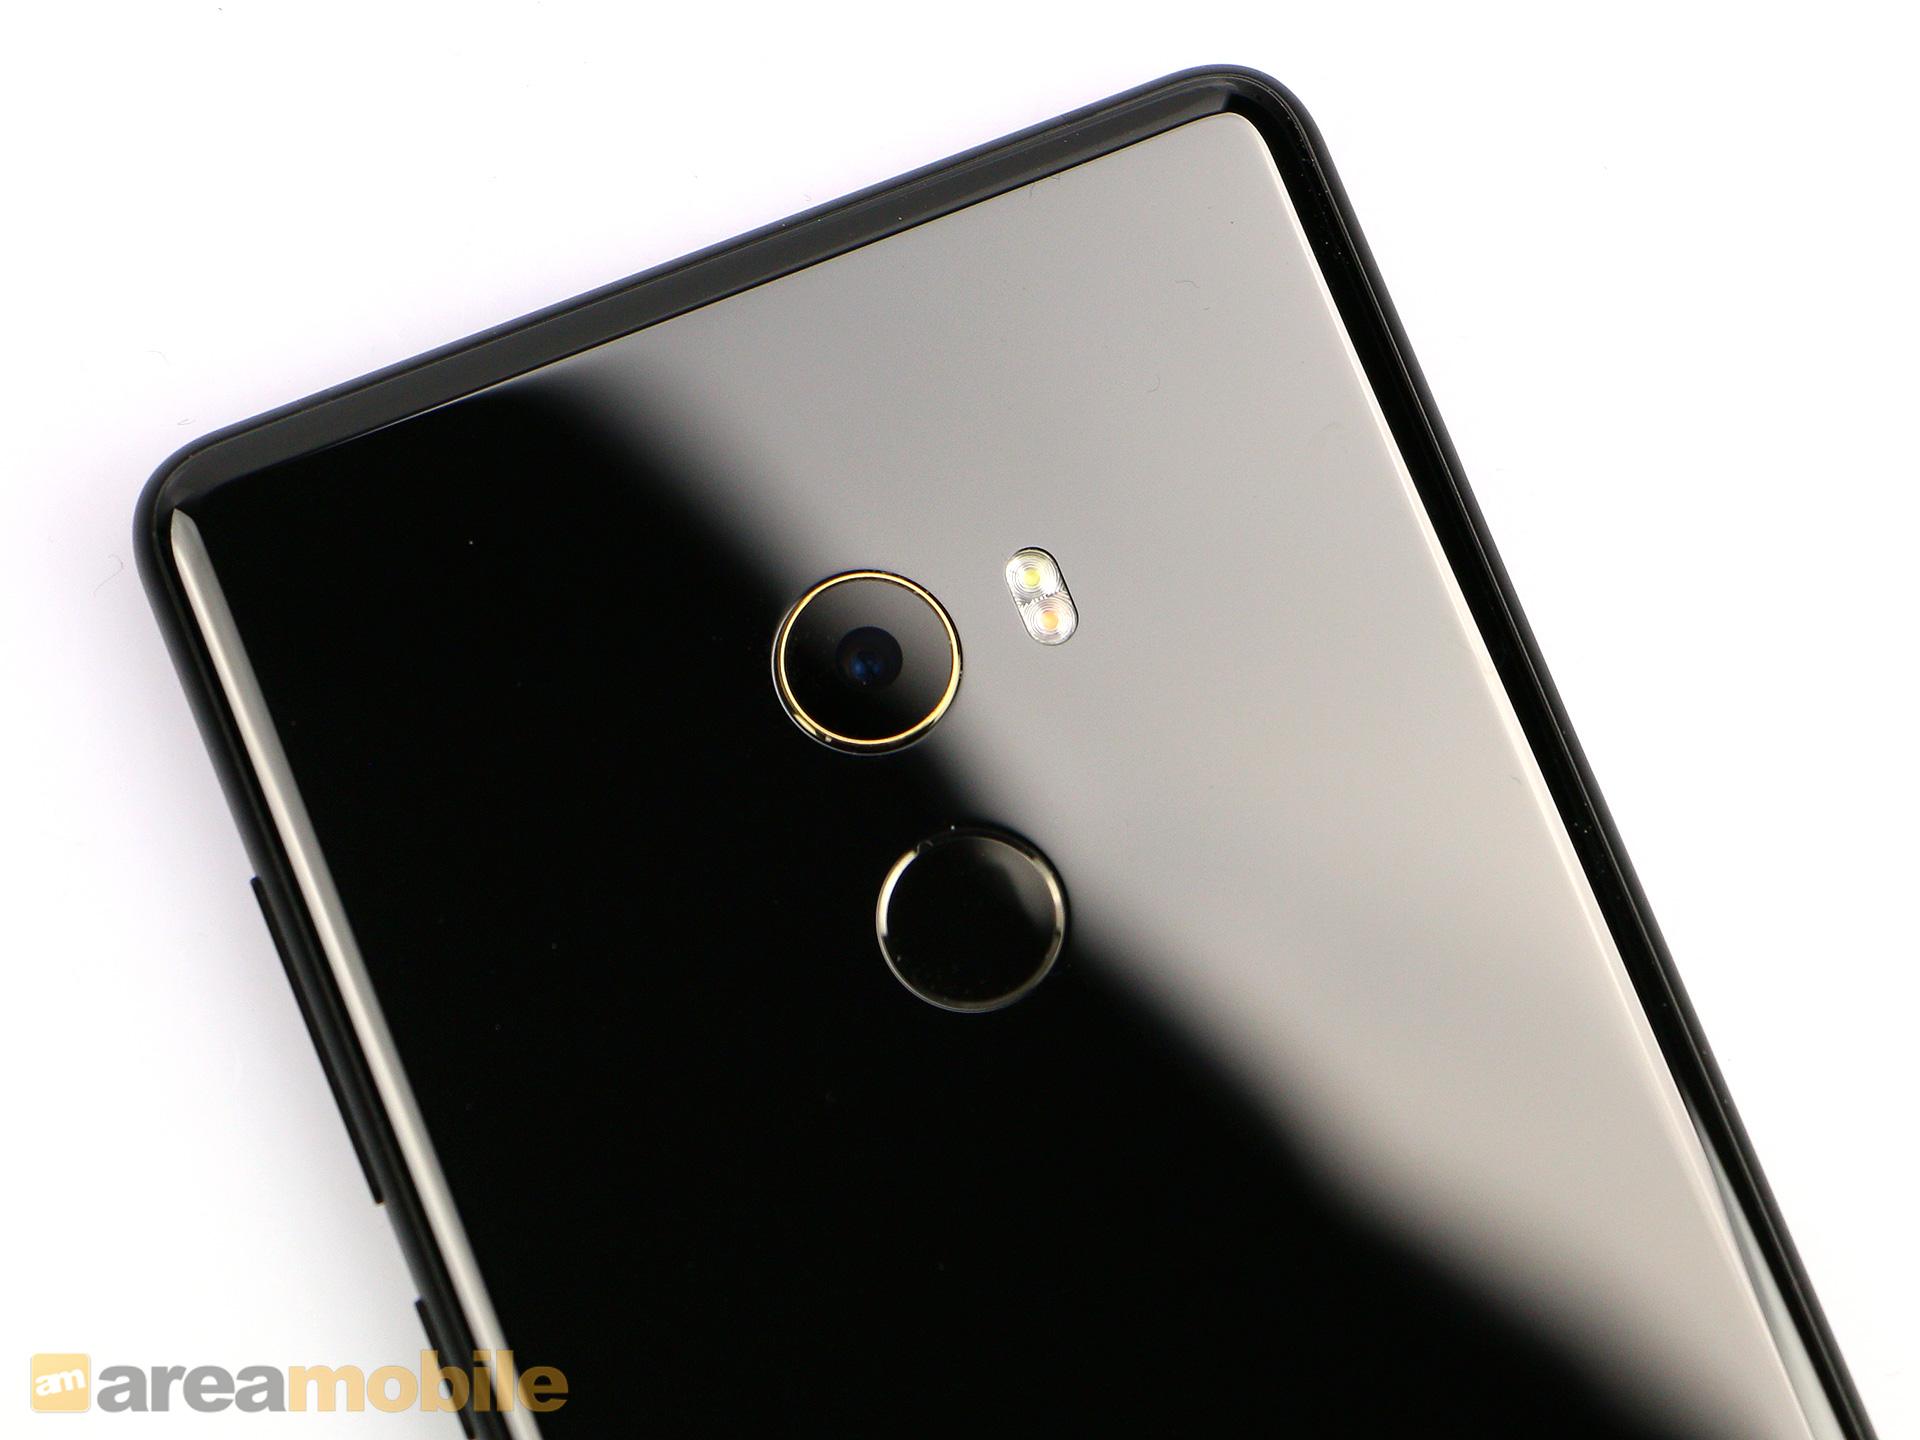 Mi Mix 2 im Test: Xiaomi mixt beim zweiten Mal besser - Das Mi Mix 2 hat eine einzelne Kamera, darunter ist der Fingerabdrucksensor eingebaut. (Bild: Areamobile)